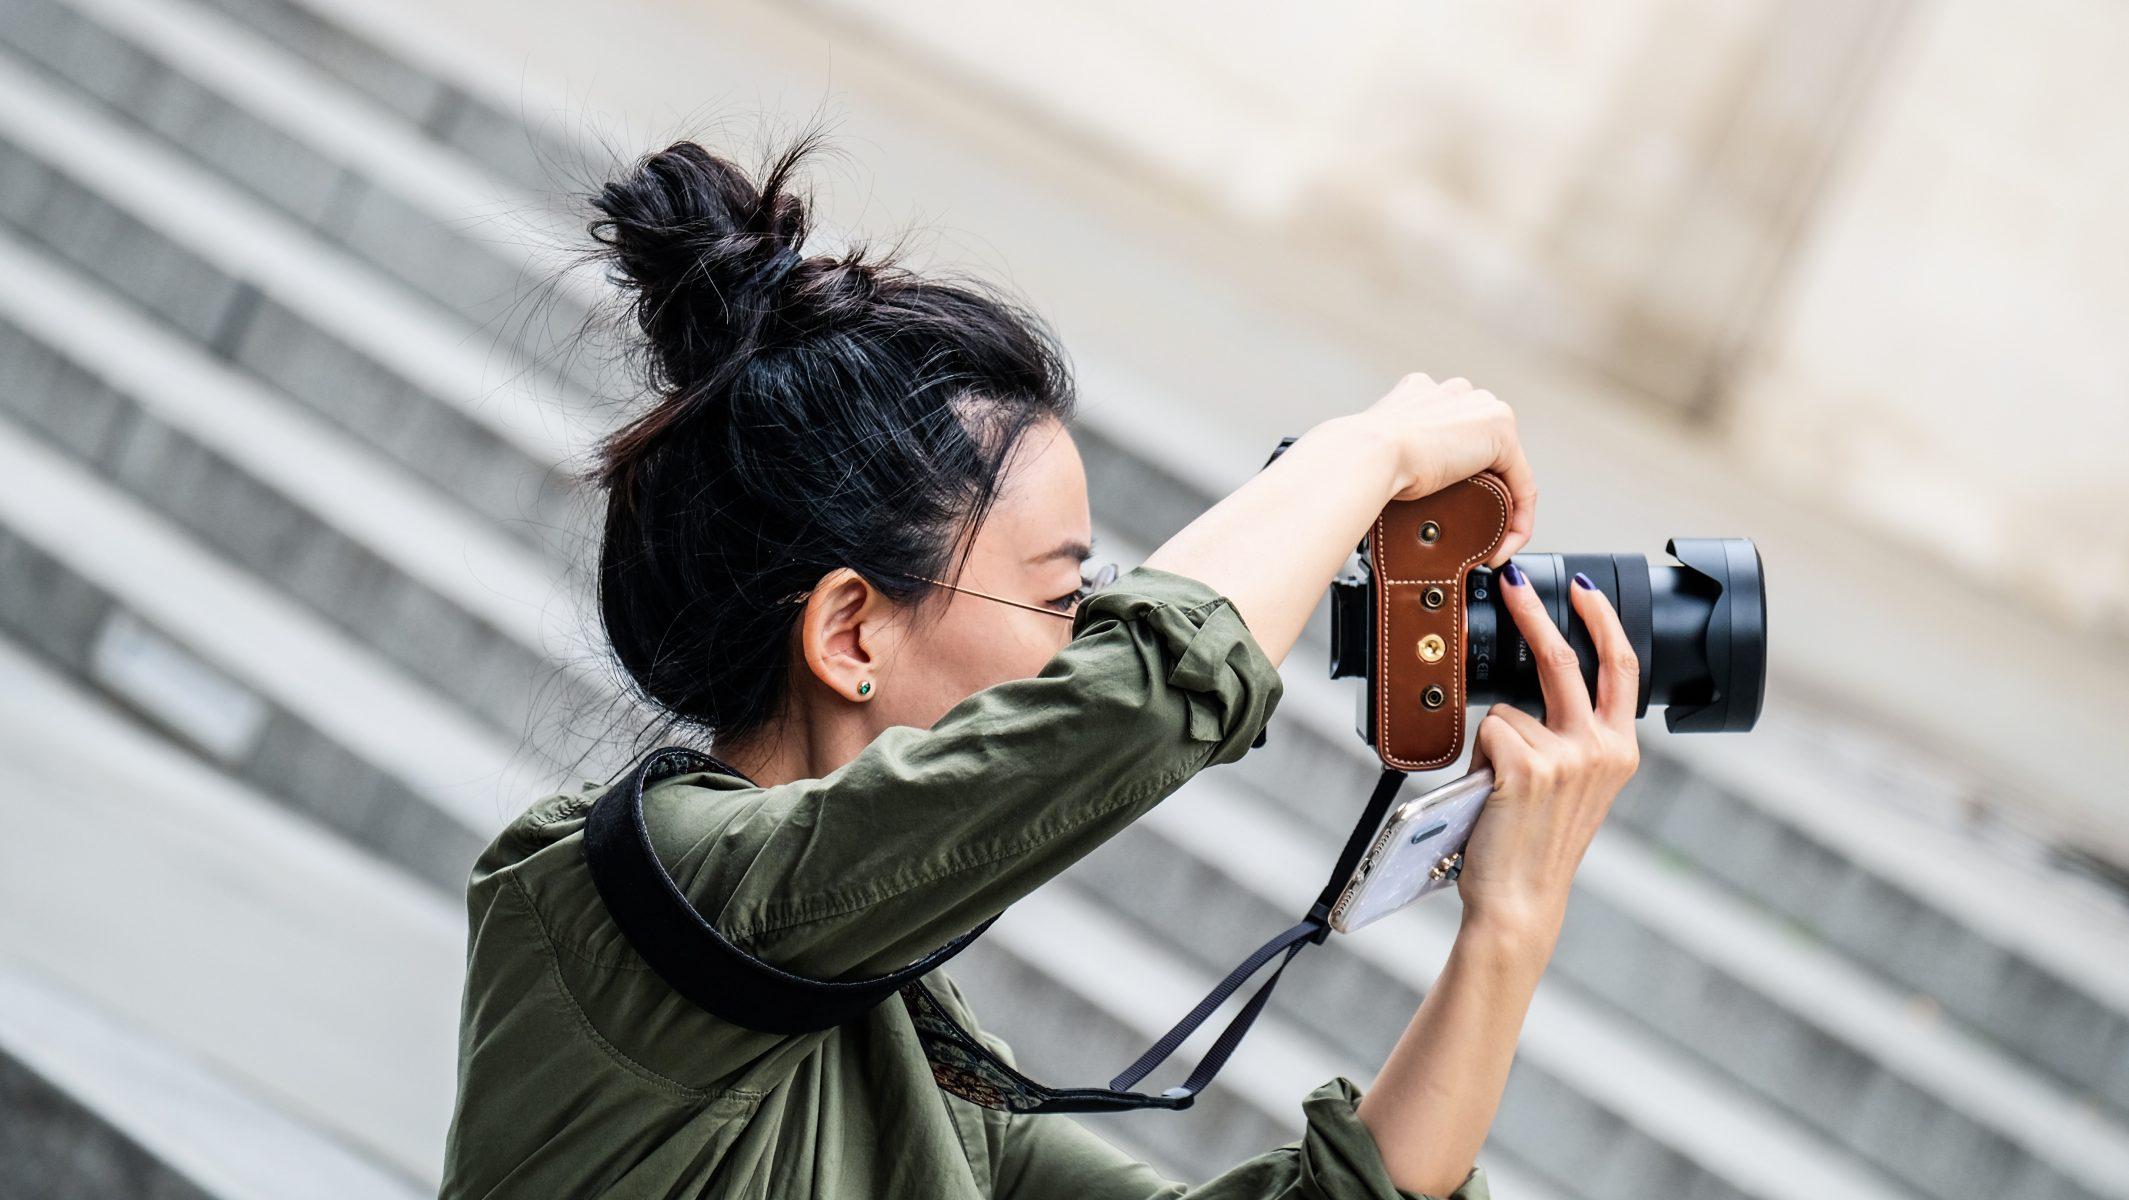 общественная палата как хорошо уметь фотографировать руси